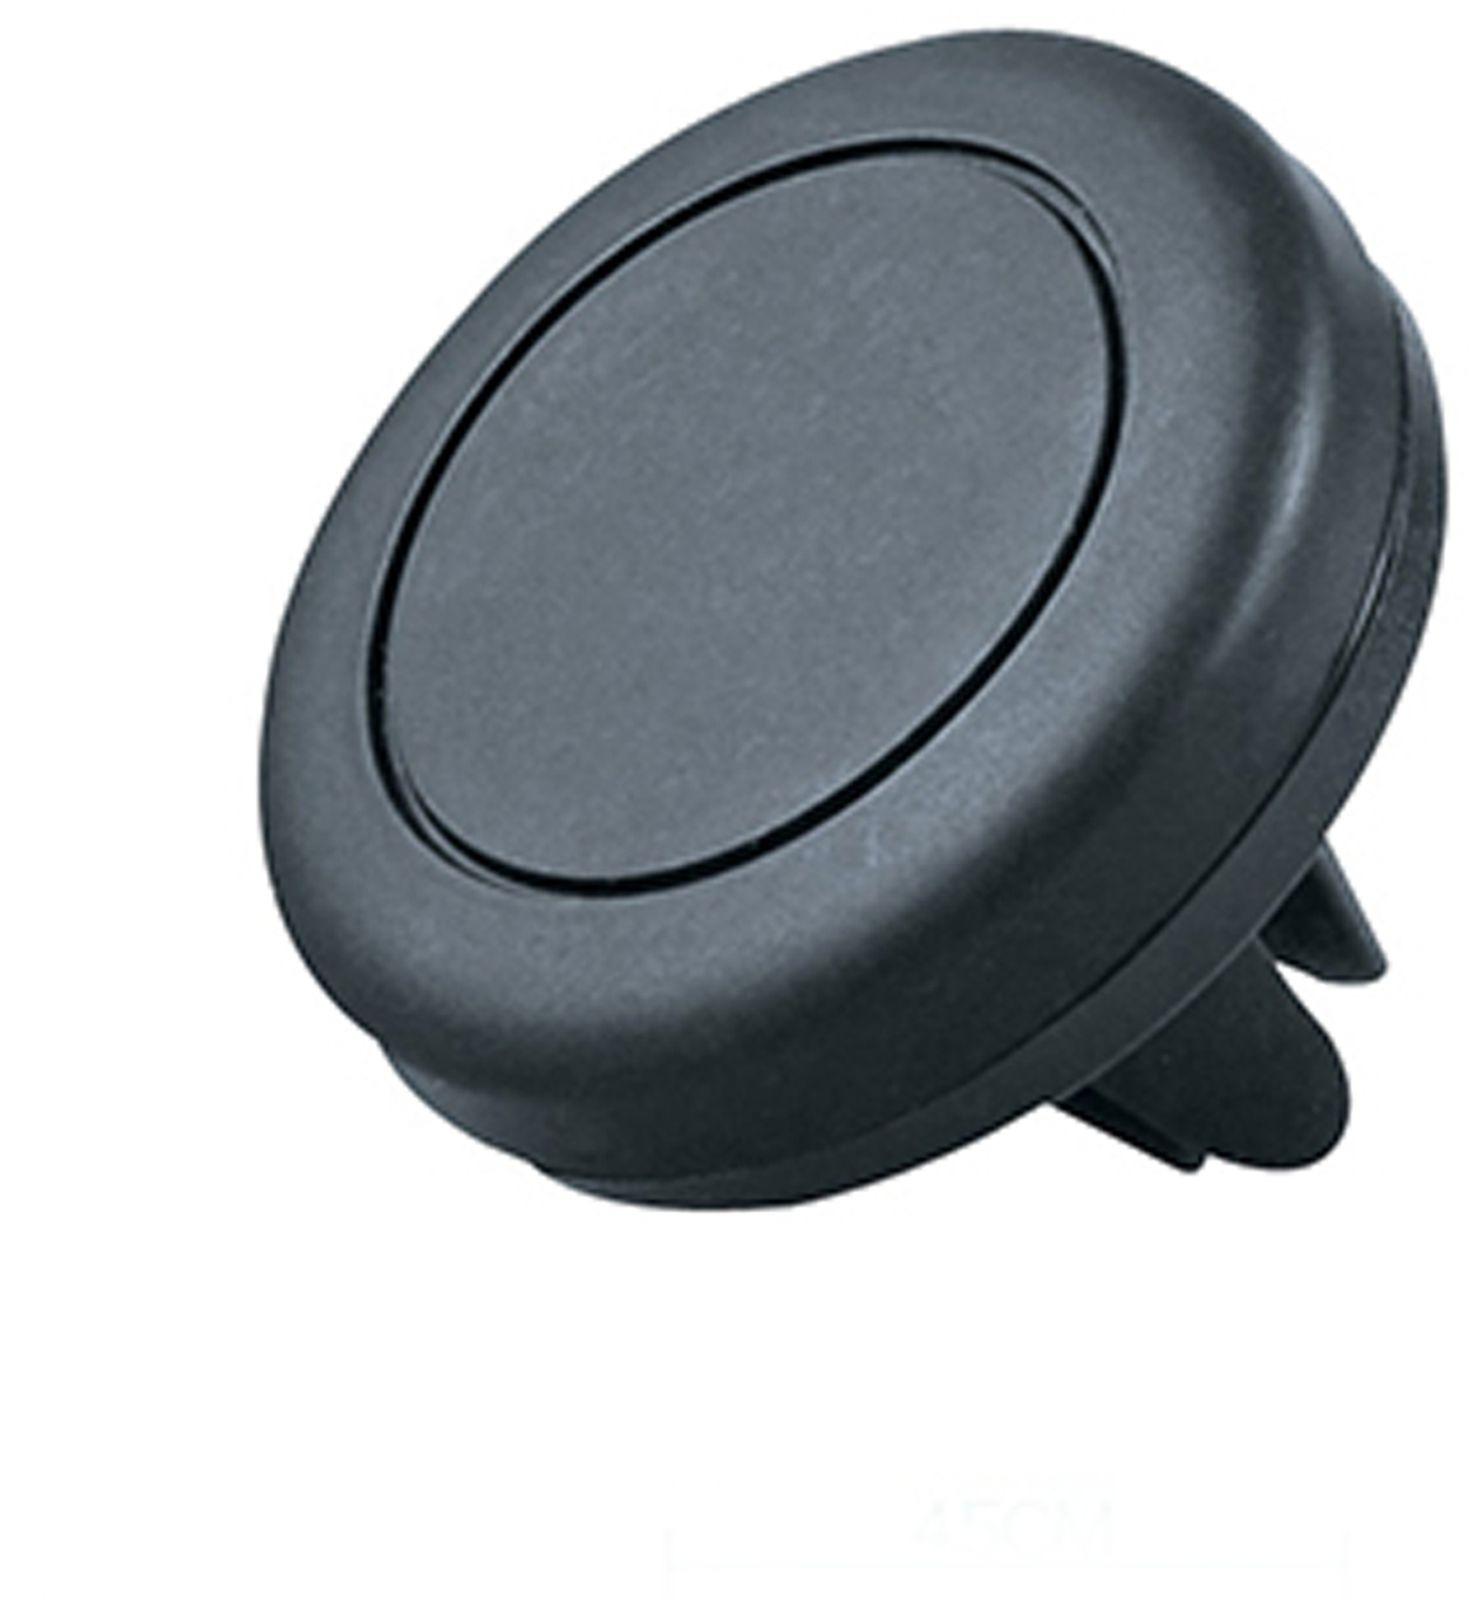 Фото - Держатель для телефона C2R, AC029, черный, магнитный авто